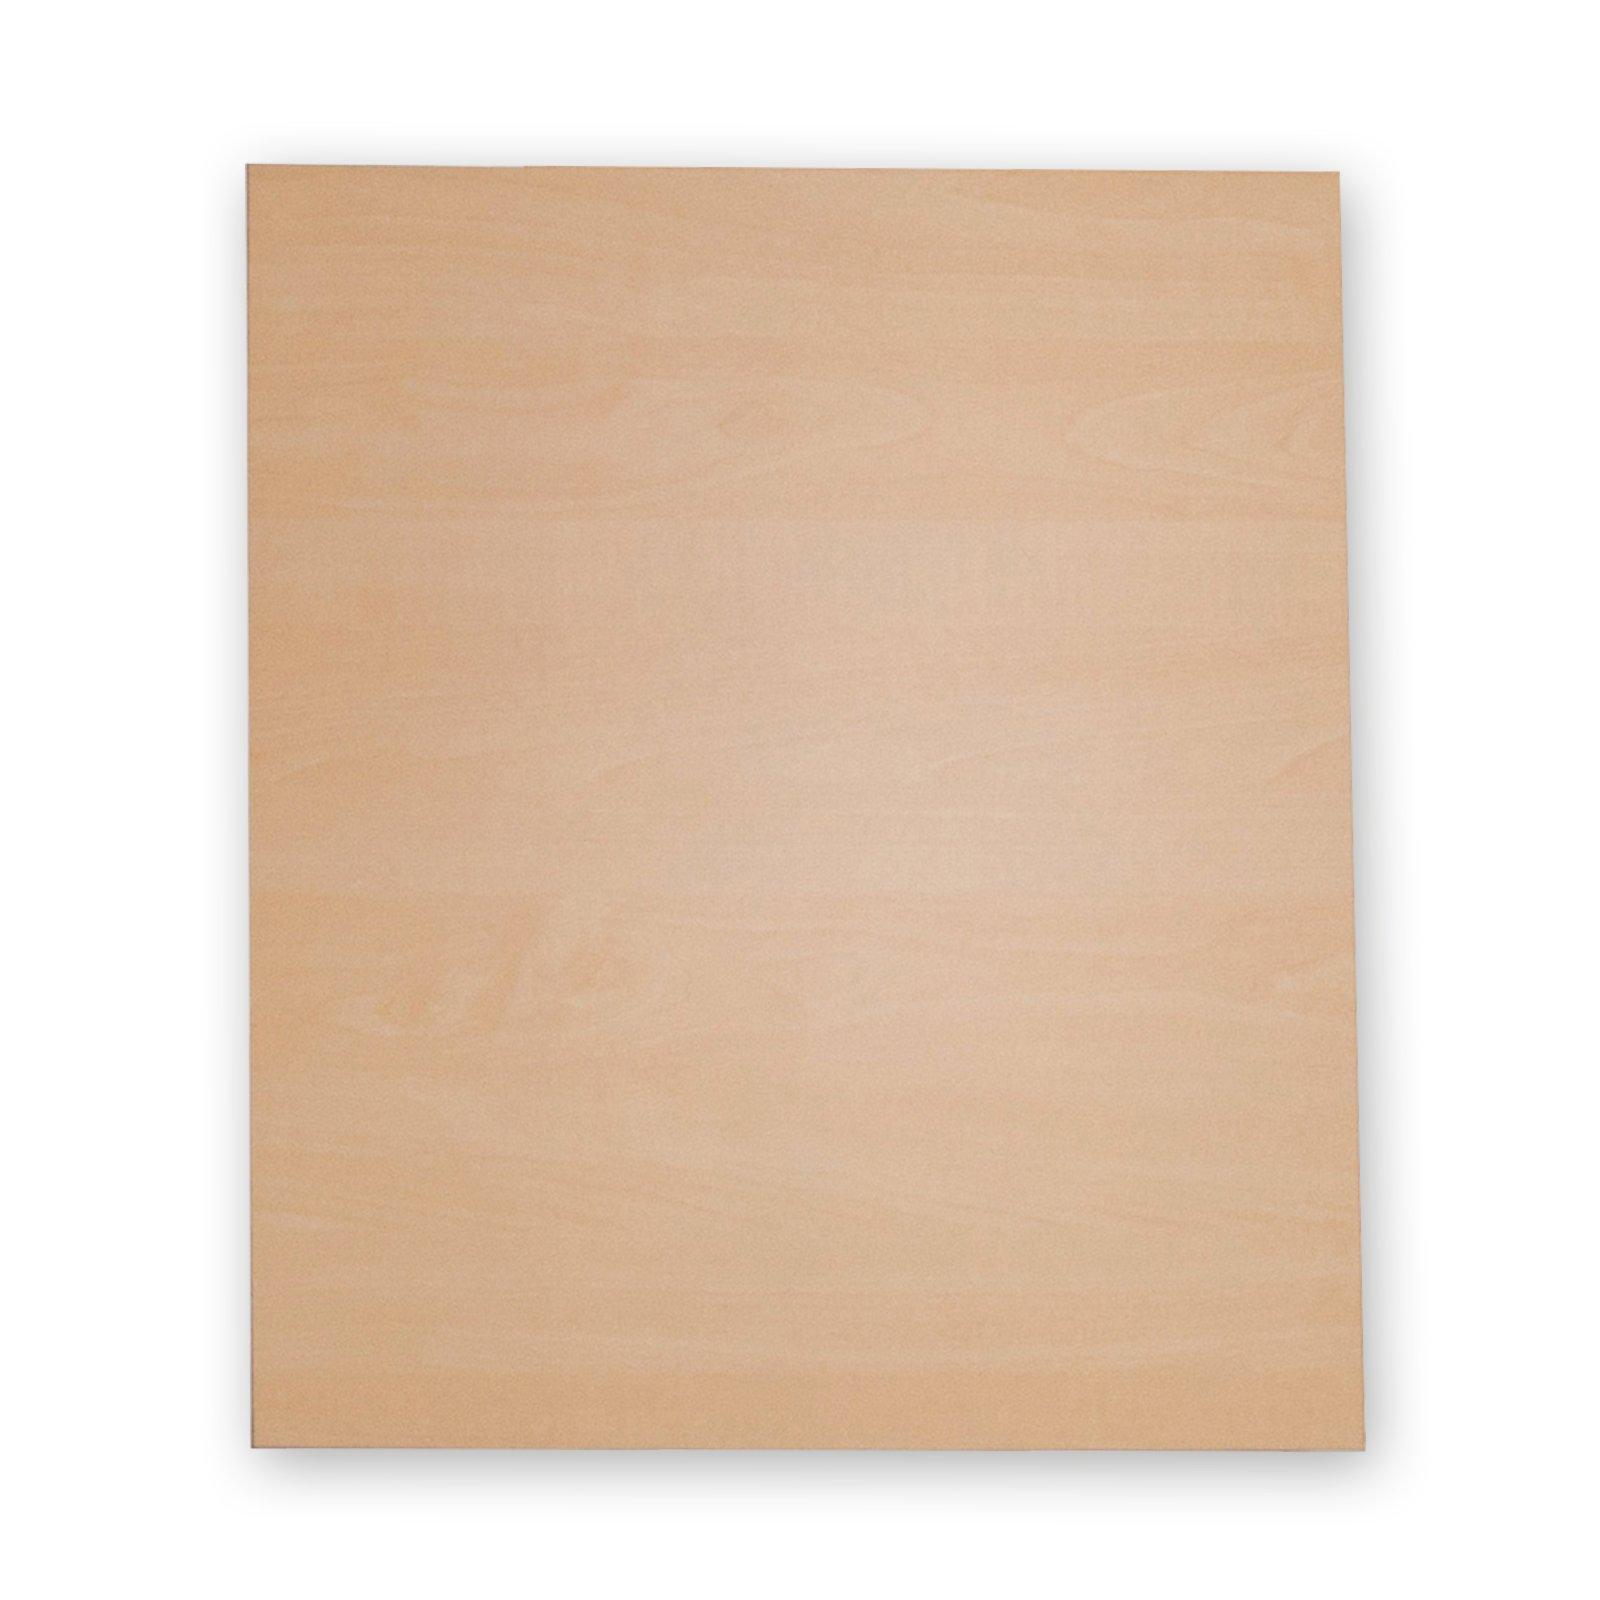 einlegeboden ahorn f r 45er fachbreite 43x50 cm einlegeb den kleiderschr nke. Black Bedroom Furniture Sets. Home Design Ideas